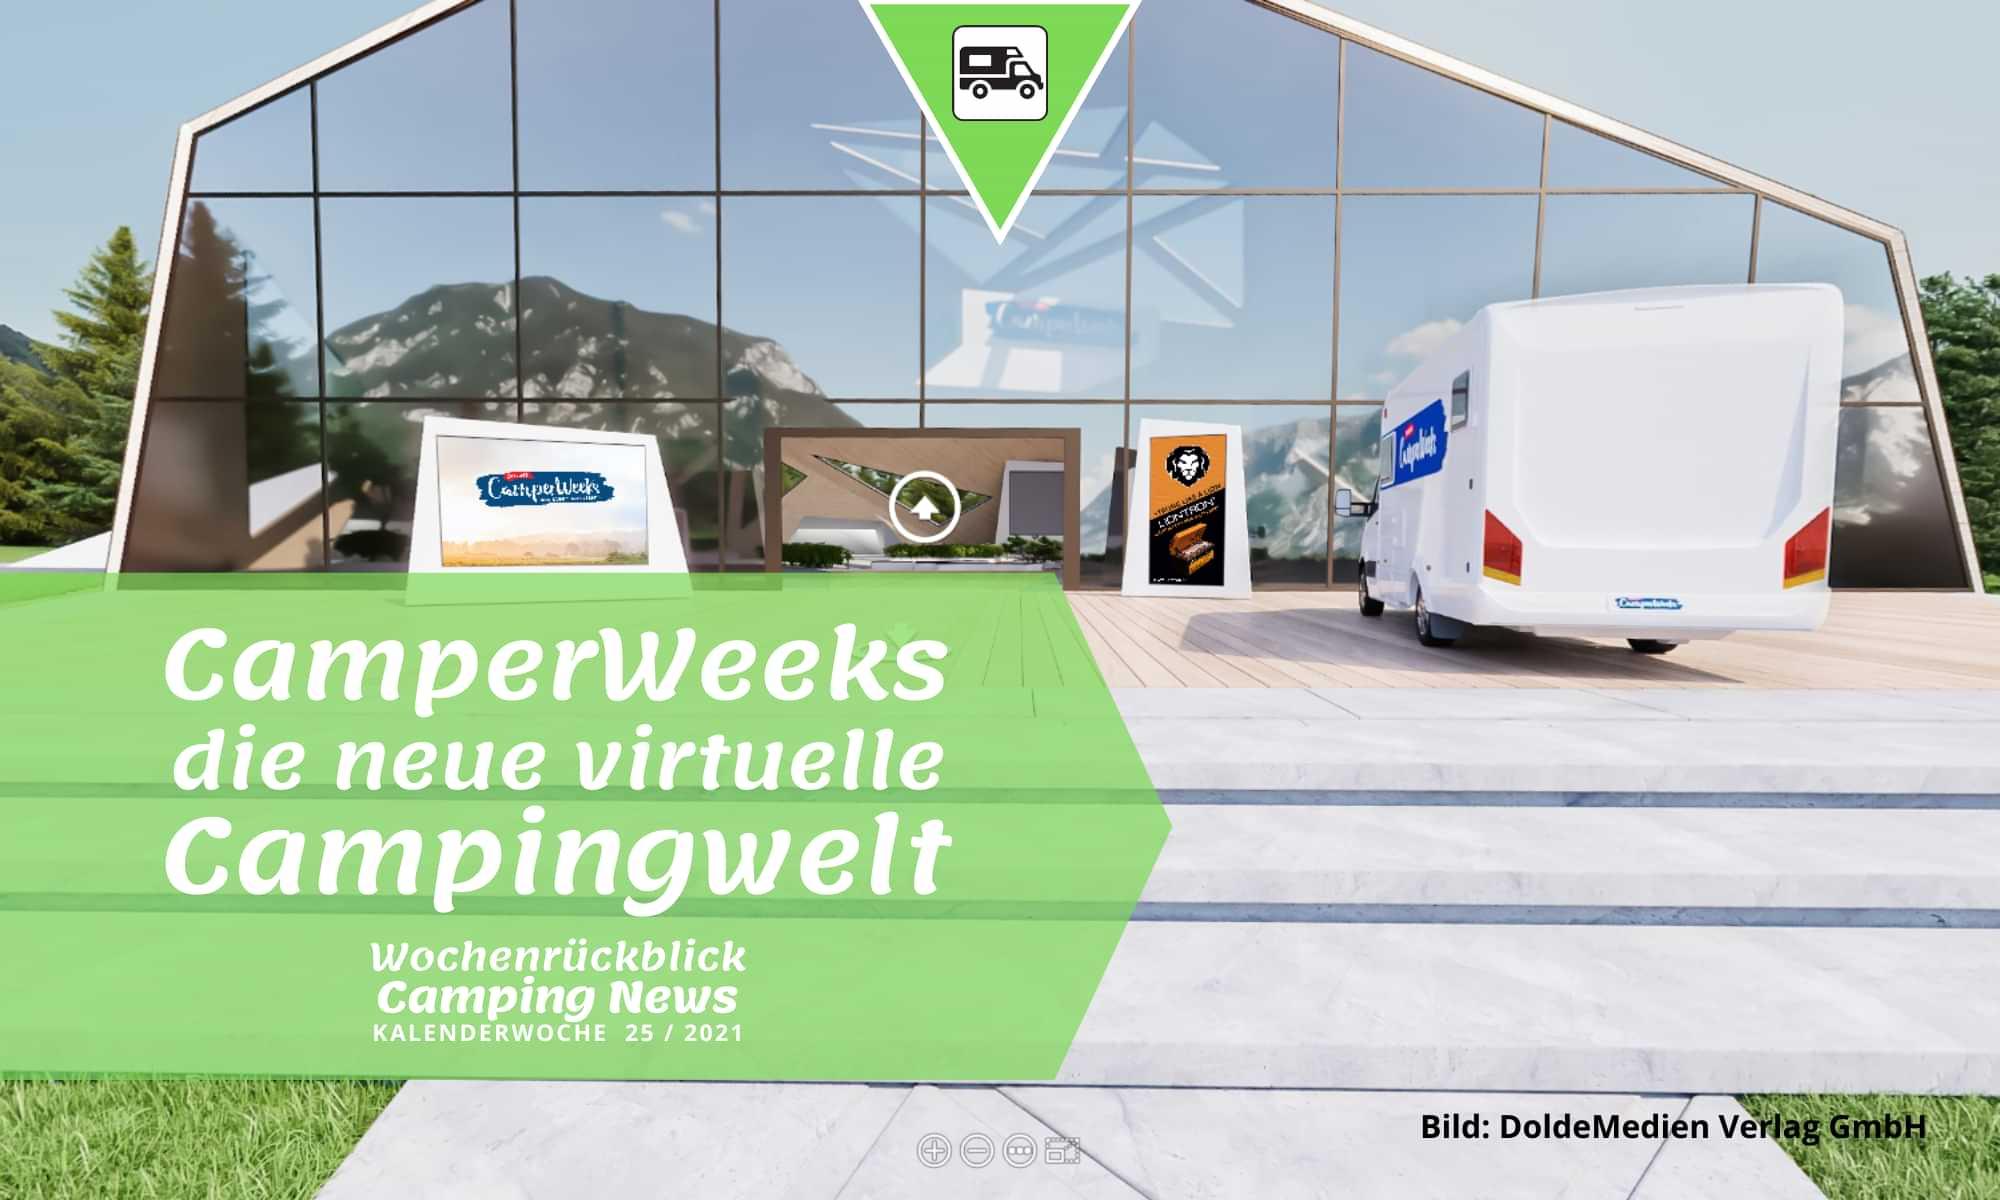 CamperWeeks: die neue virtuelle Campingwelt